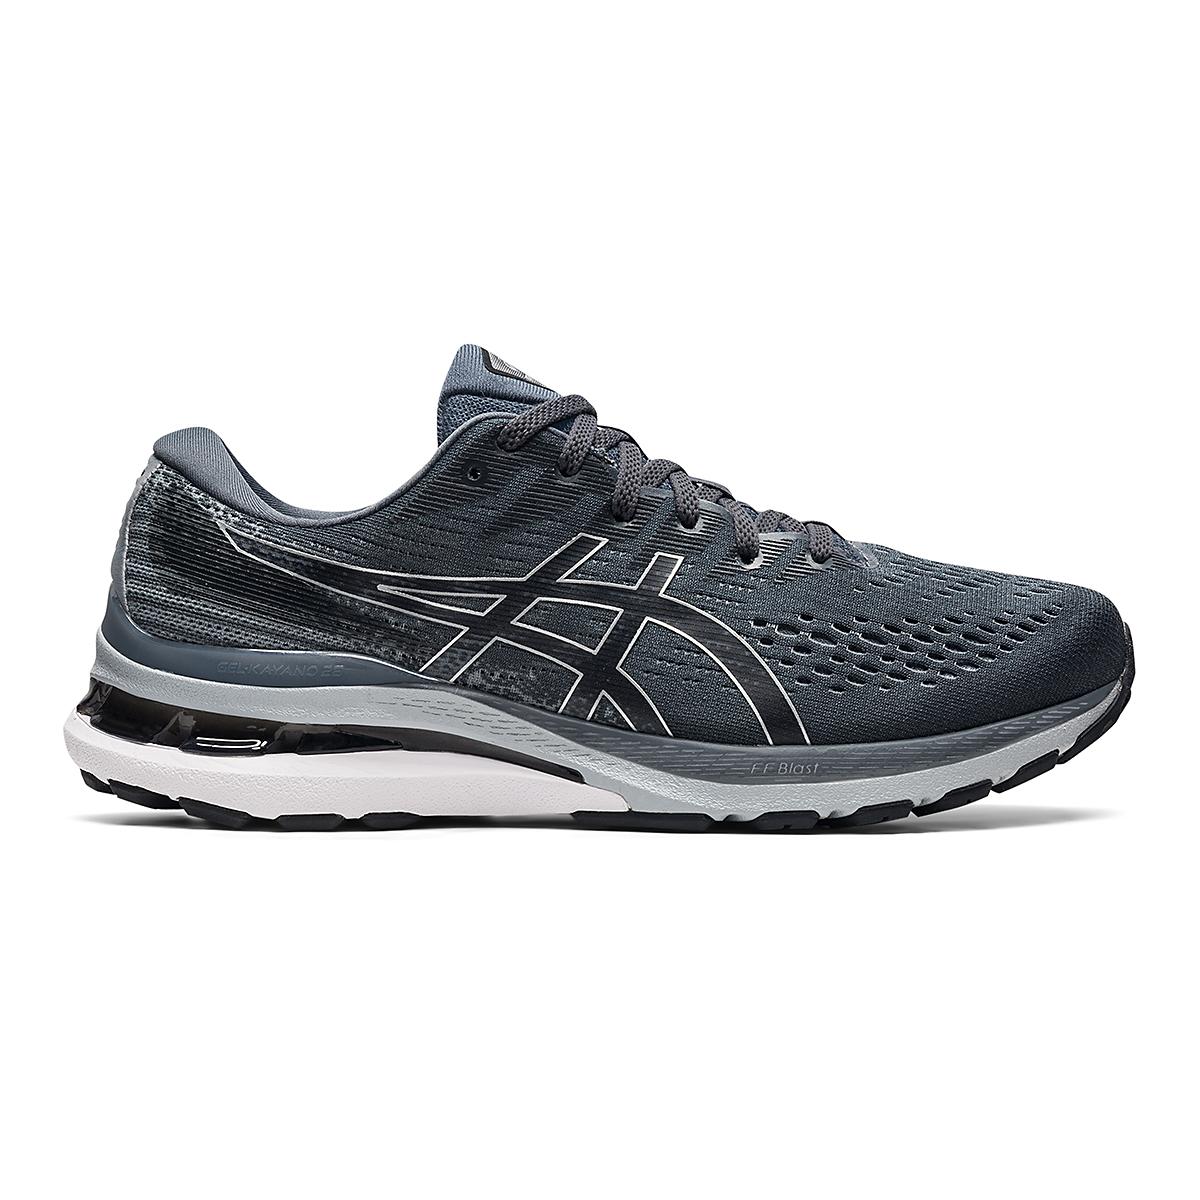 Men's Asics Gel-Kayano 28 Running Shoe - Color: Carrier Grey/Black - Size: 7 - Width: Wide, Carrier Grey/Black, large, image 1